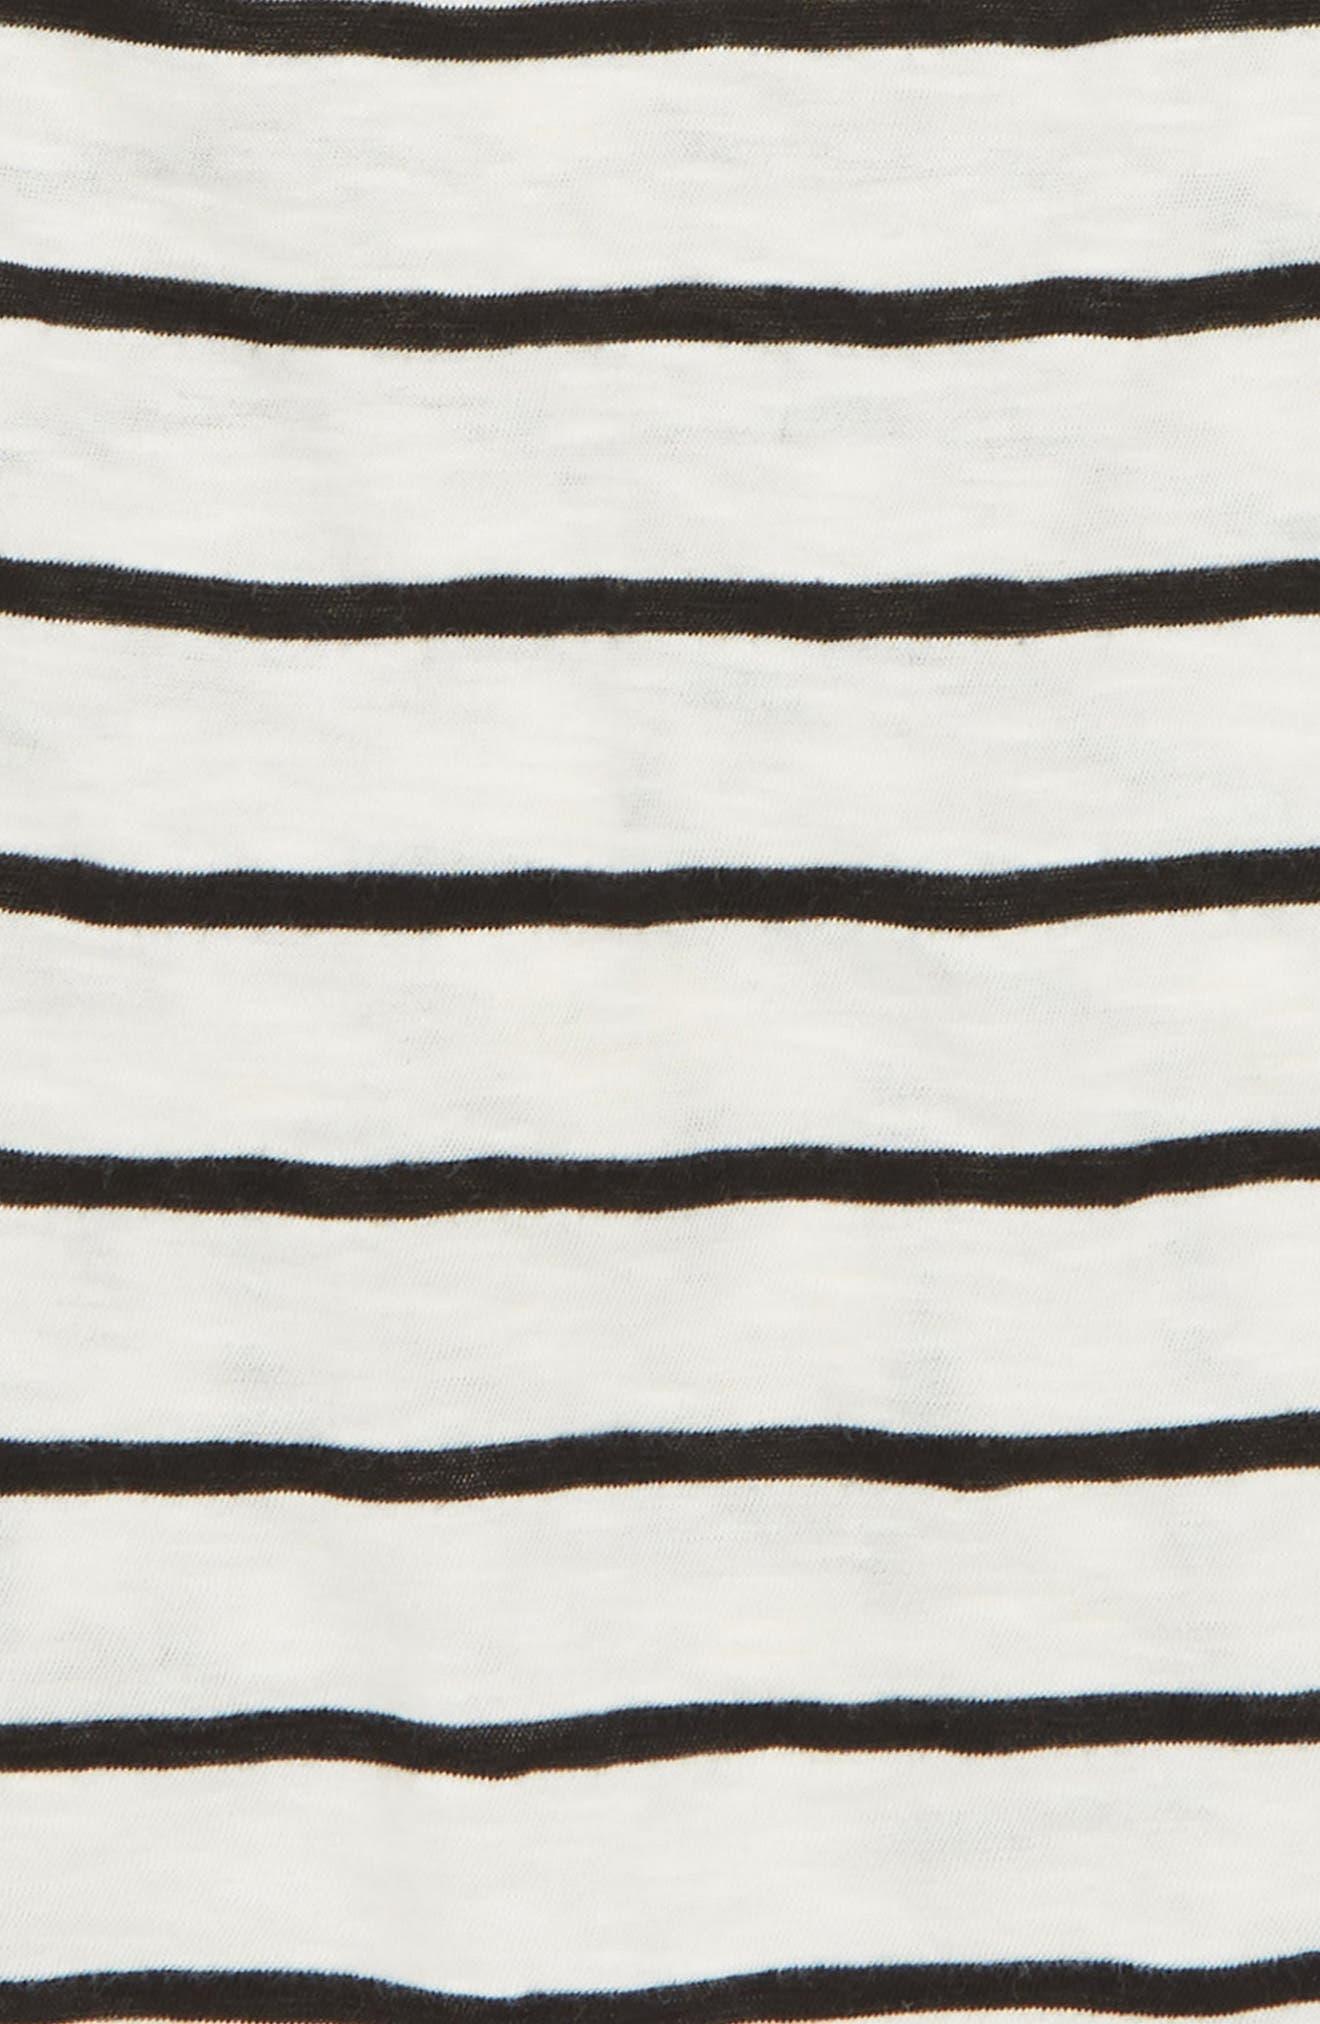 Knot Back Knit Tank,                             Alternate thumbnail 3, color,                             IVORY EGRET- BLACK STRIPE